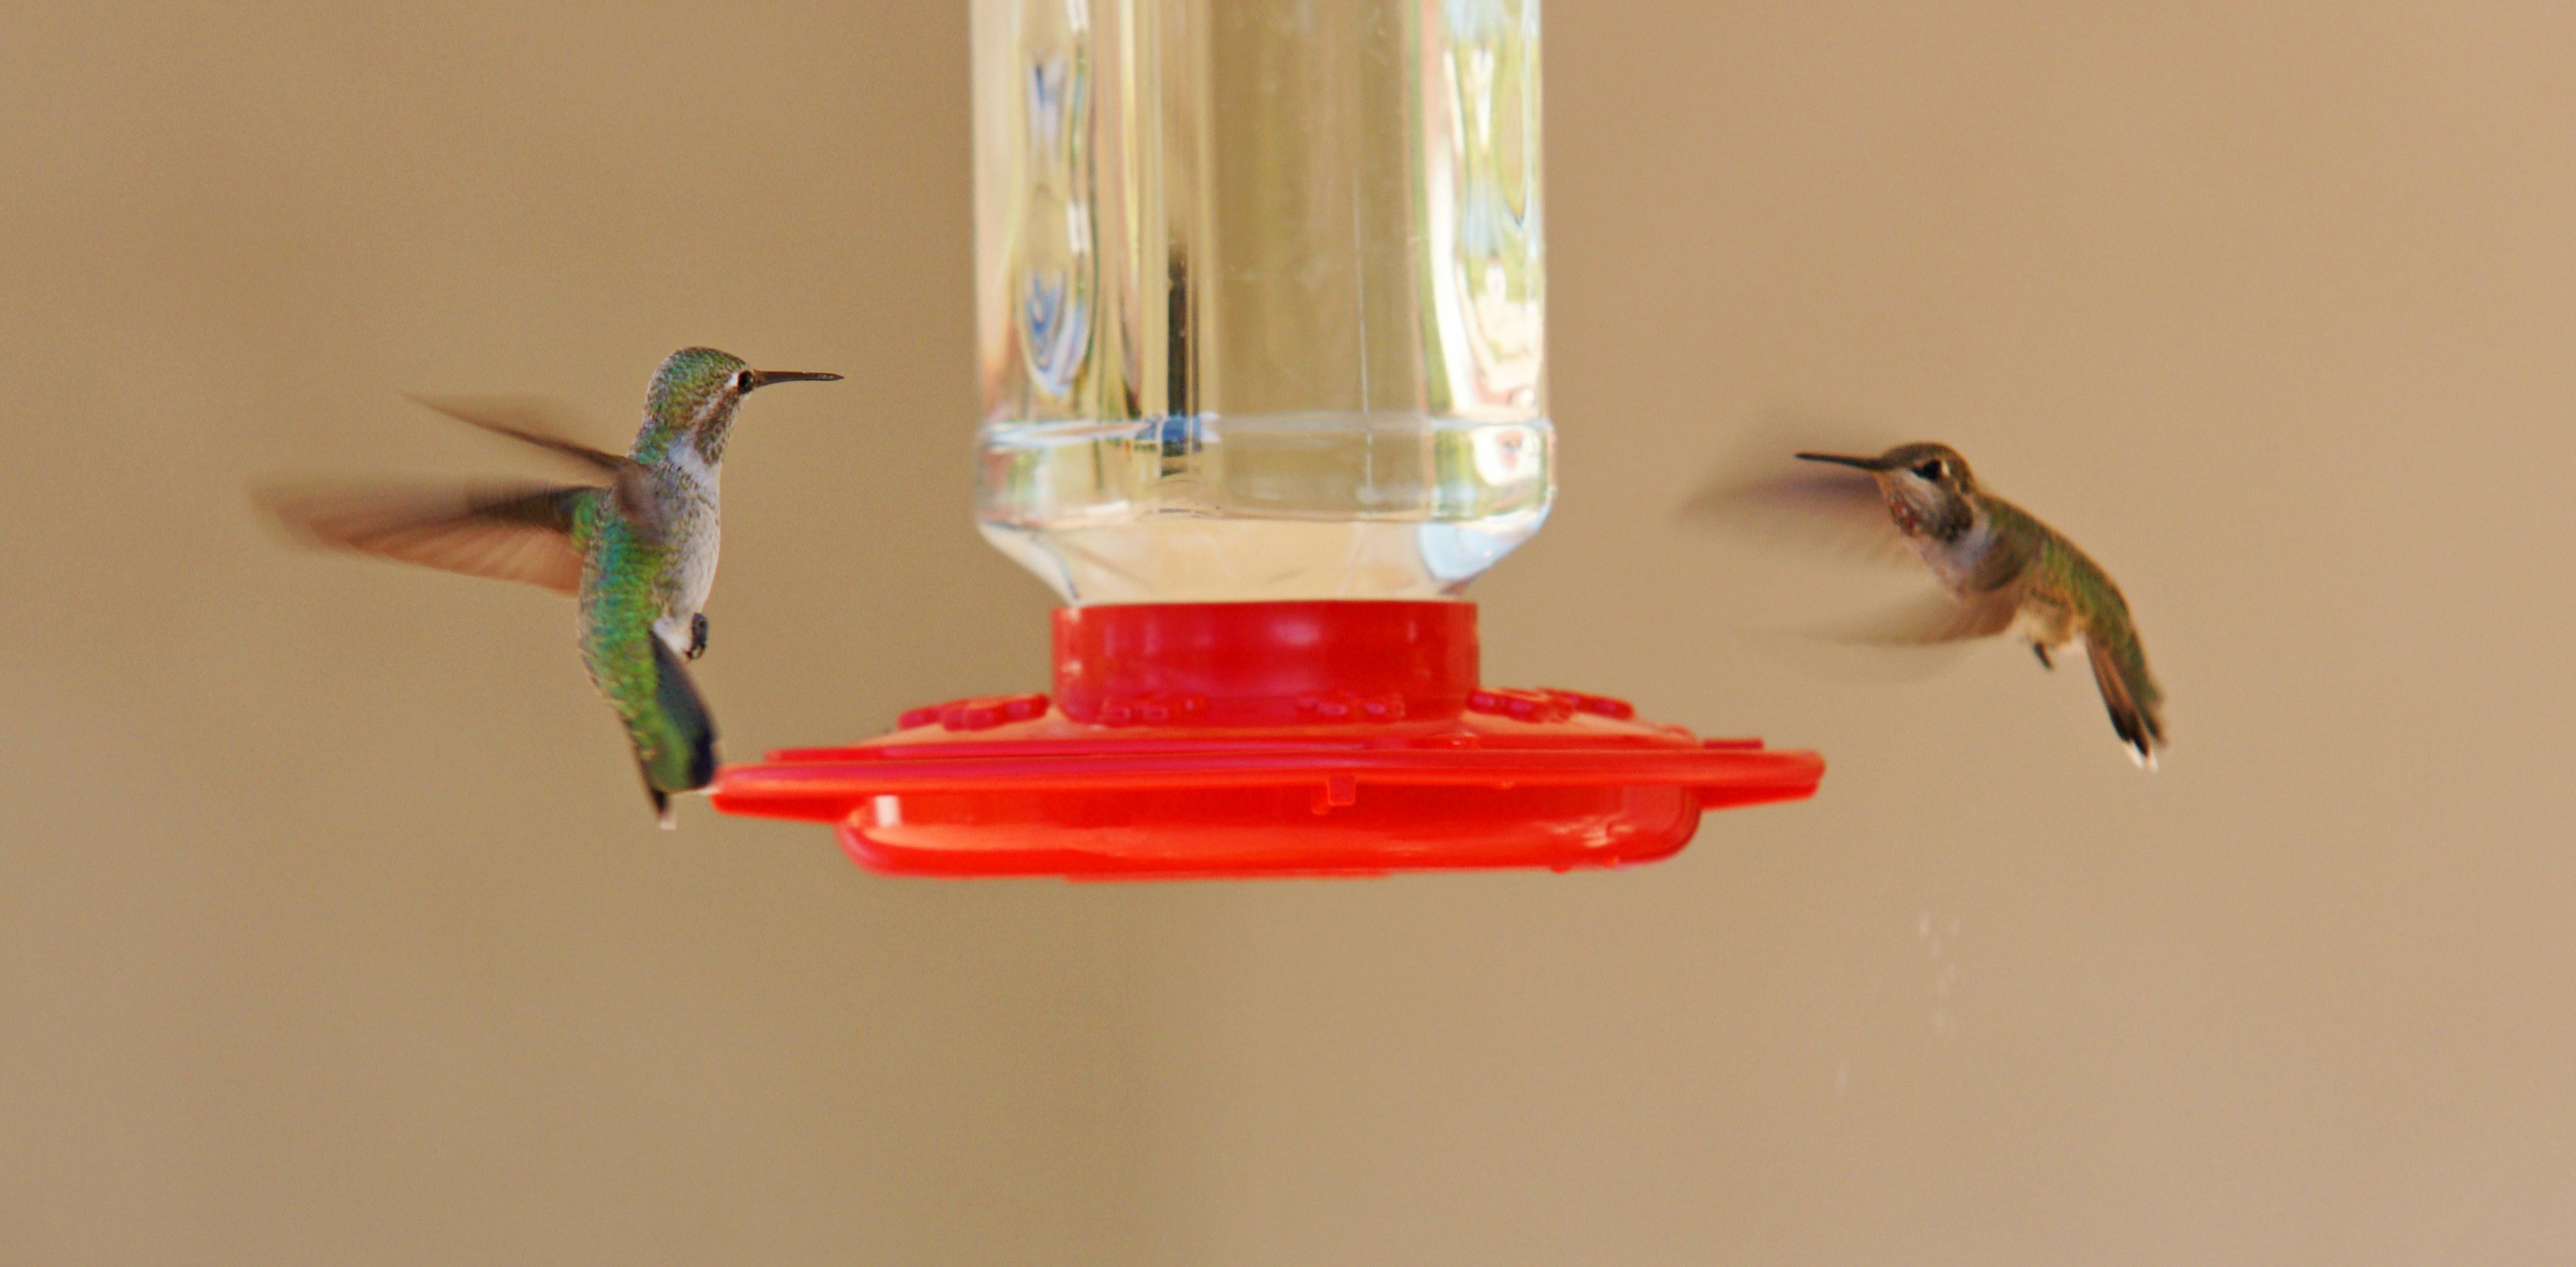 HummingbirdsGallery18